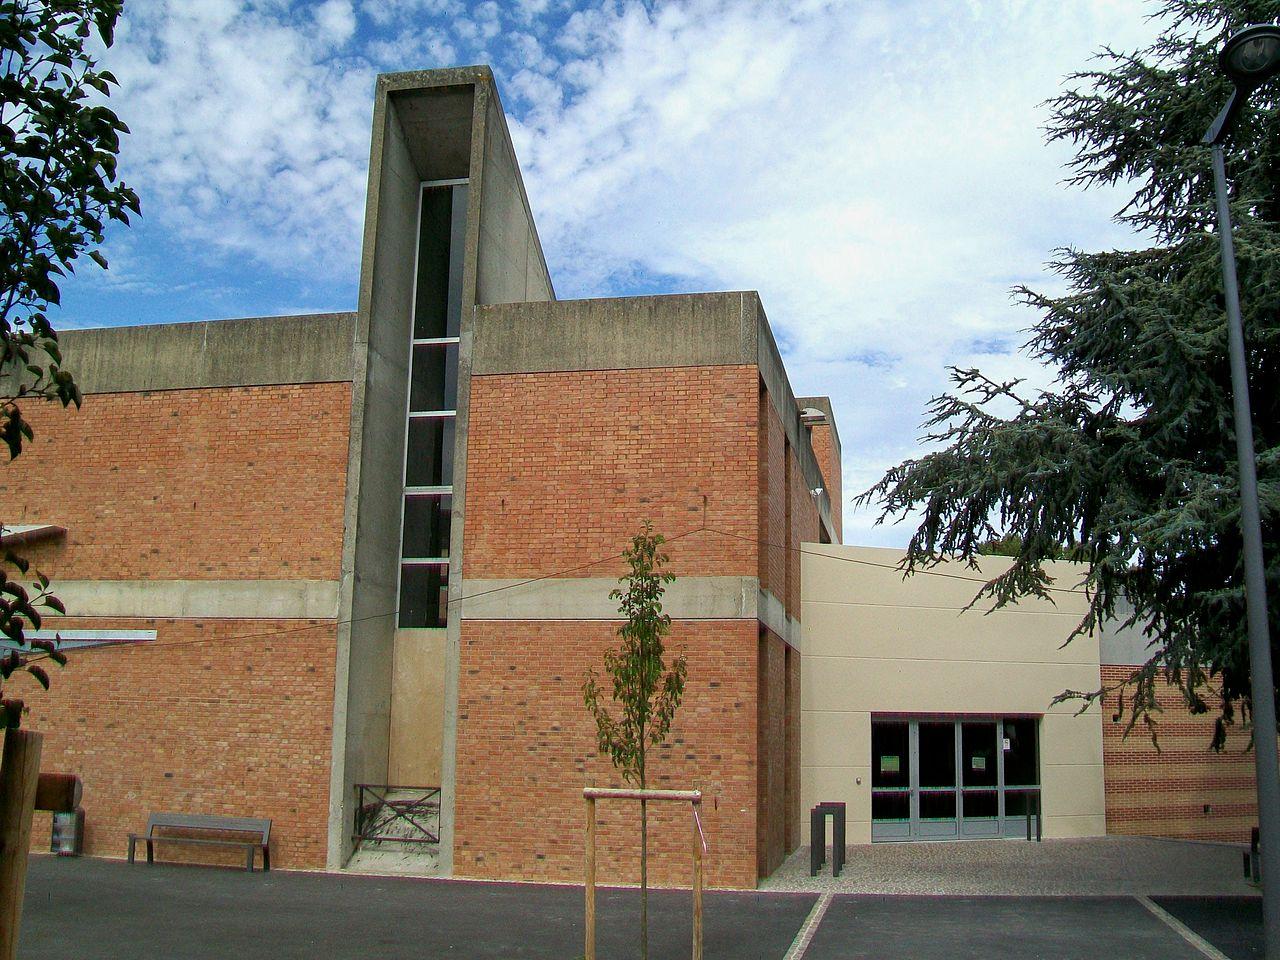 La M Ef Bf Bddiath Ef Bf Bdque Centre Ville